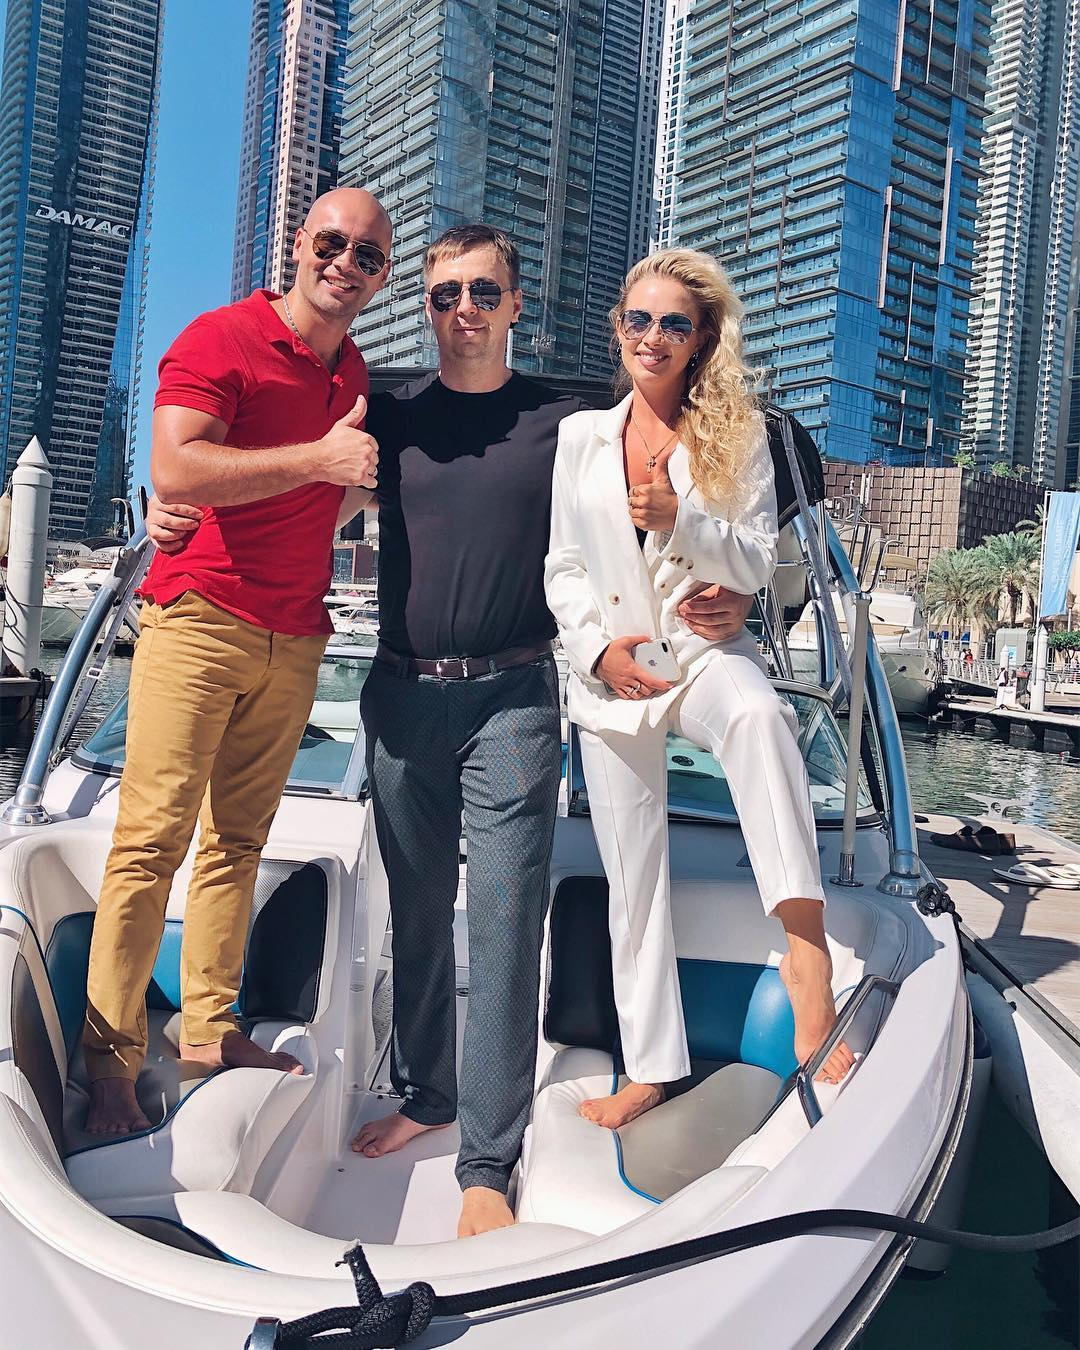 блогеров генеральным черкасов в отпуске фото представлены все обои